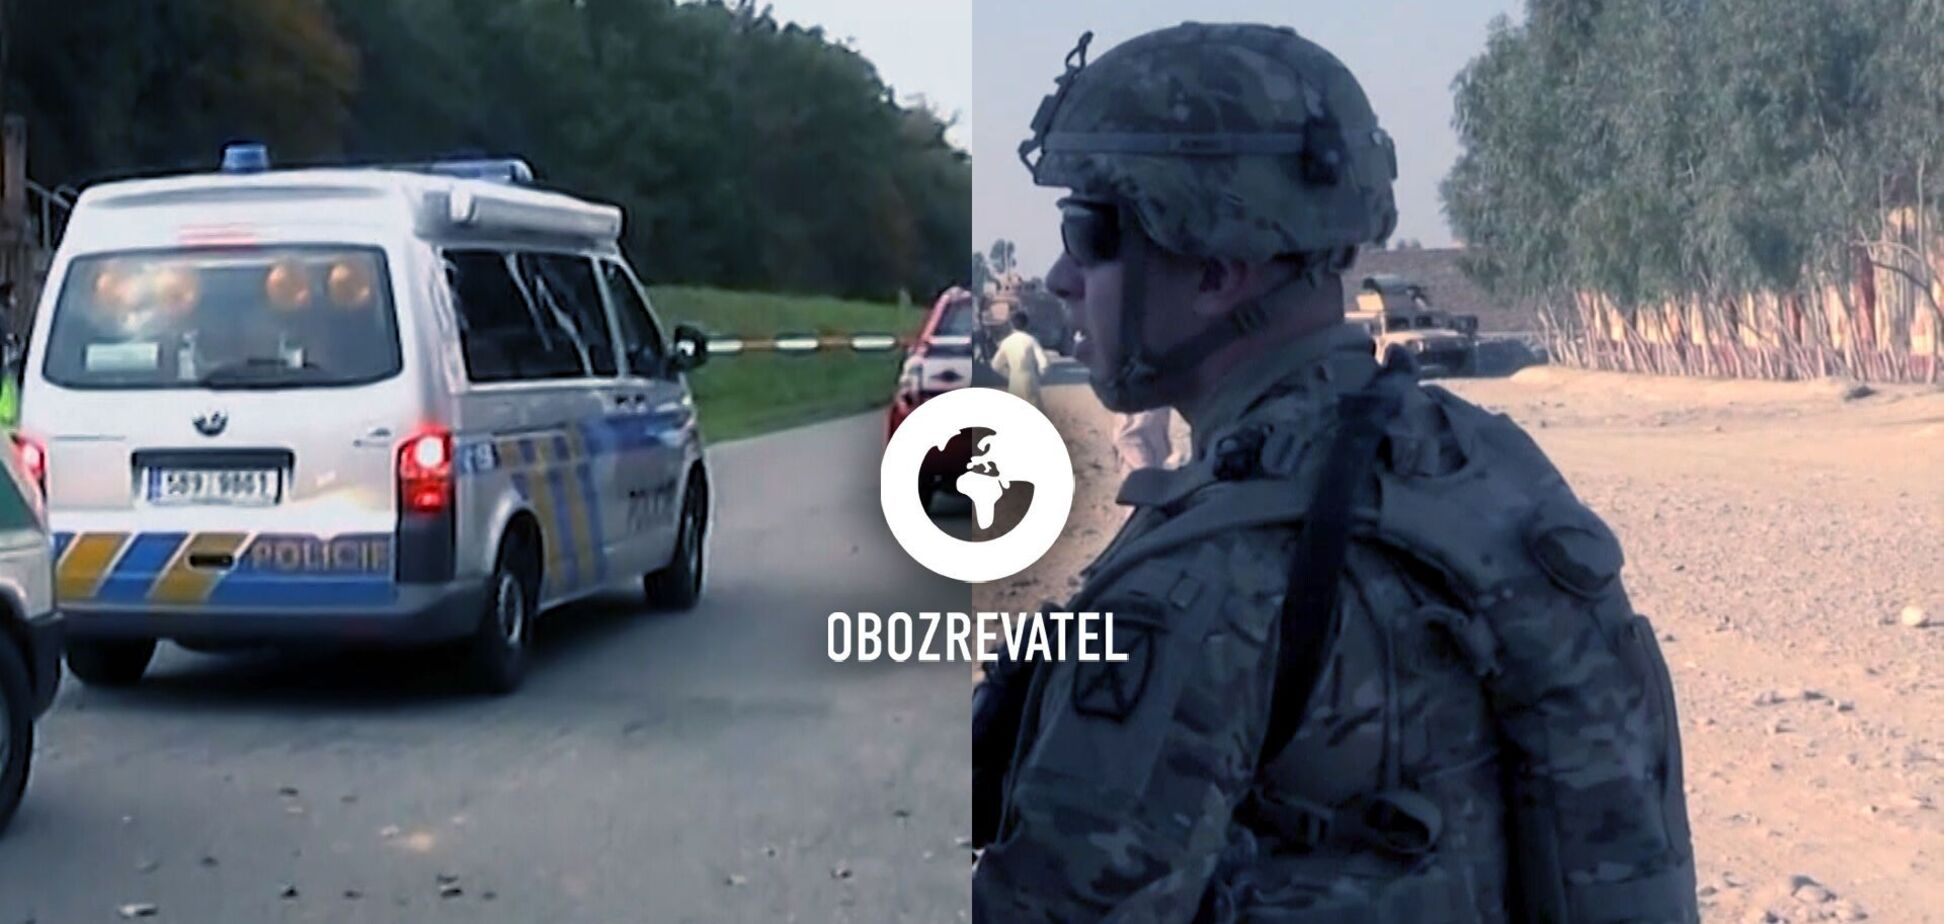 Выдворение чешских дипломатов из РФ и вывод американских войск из Афганистана – дайджест международных событий